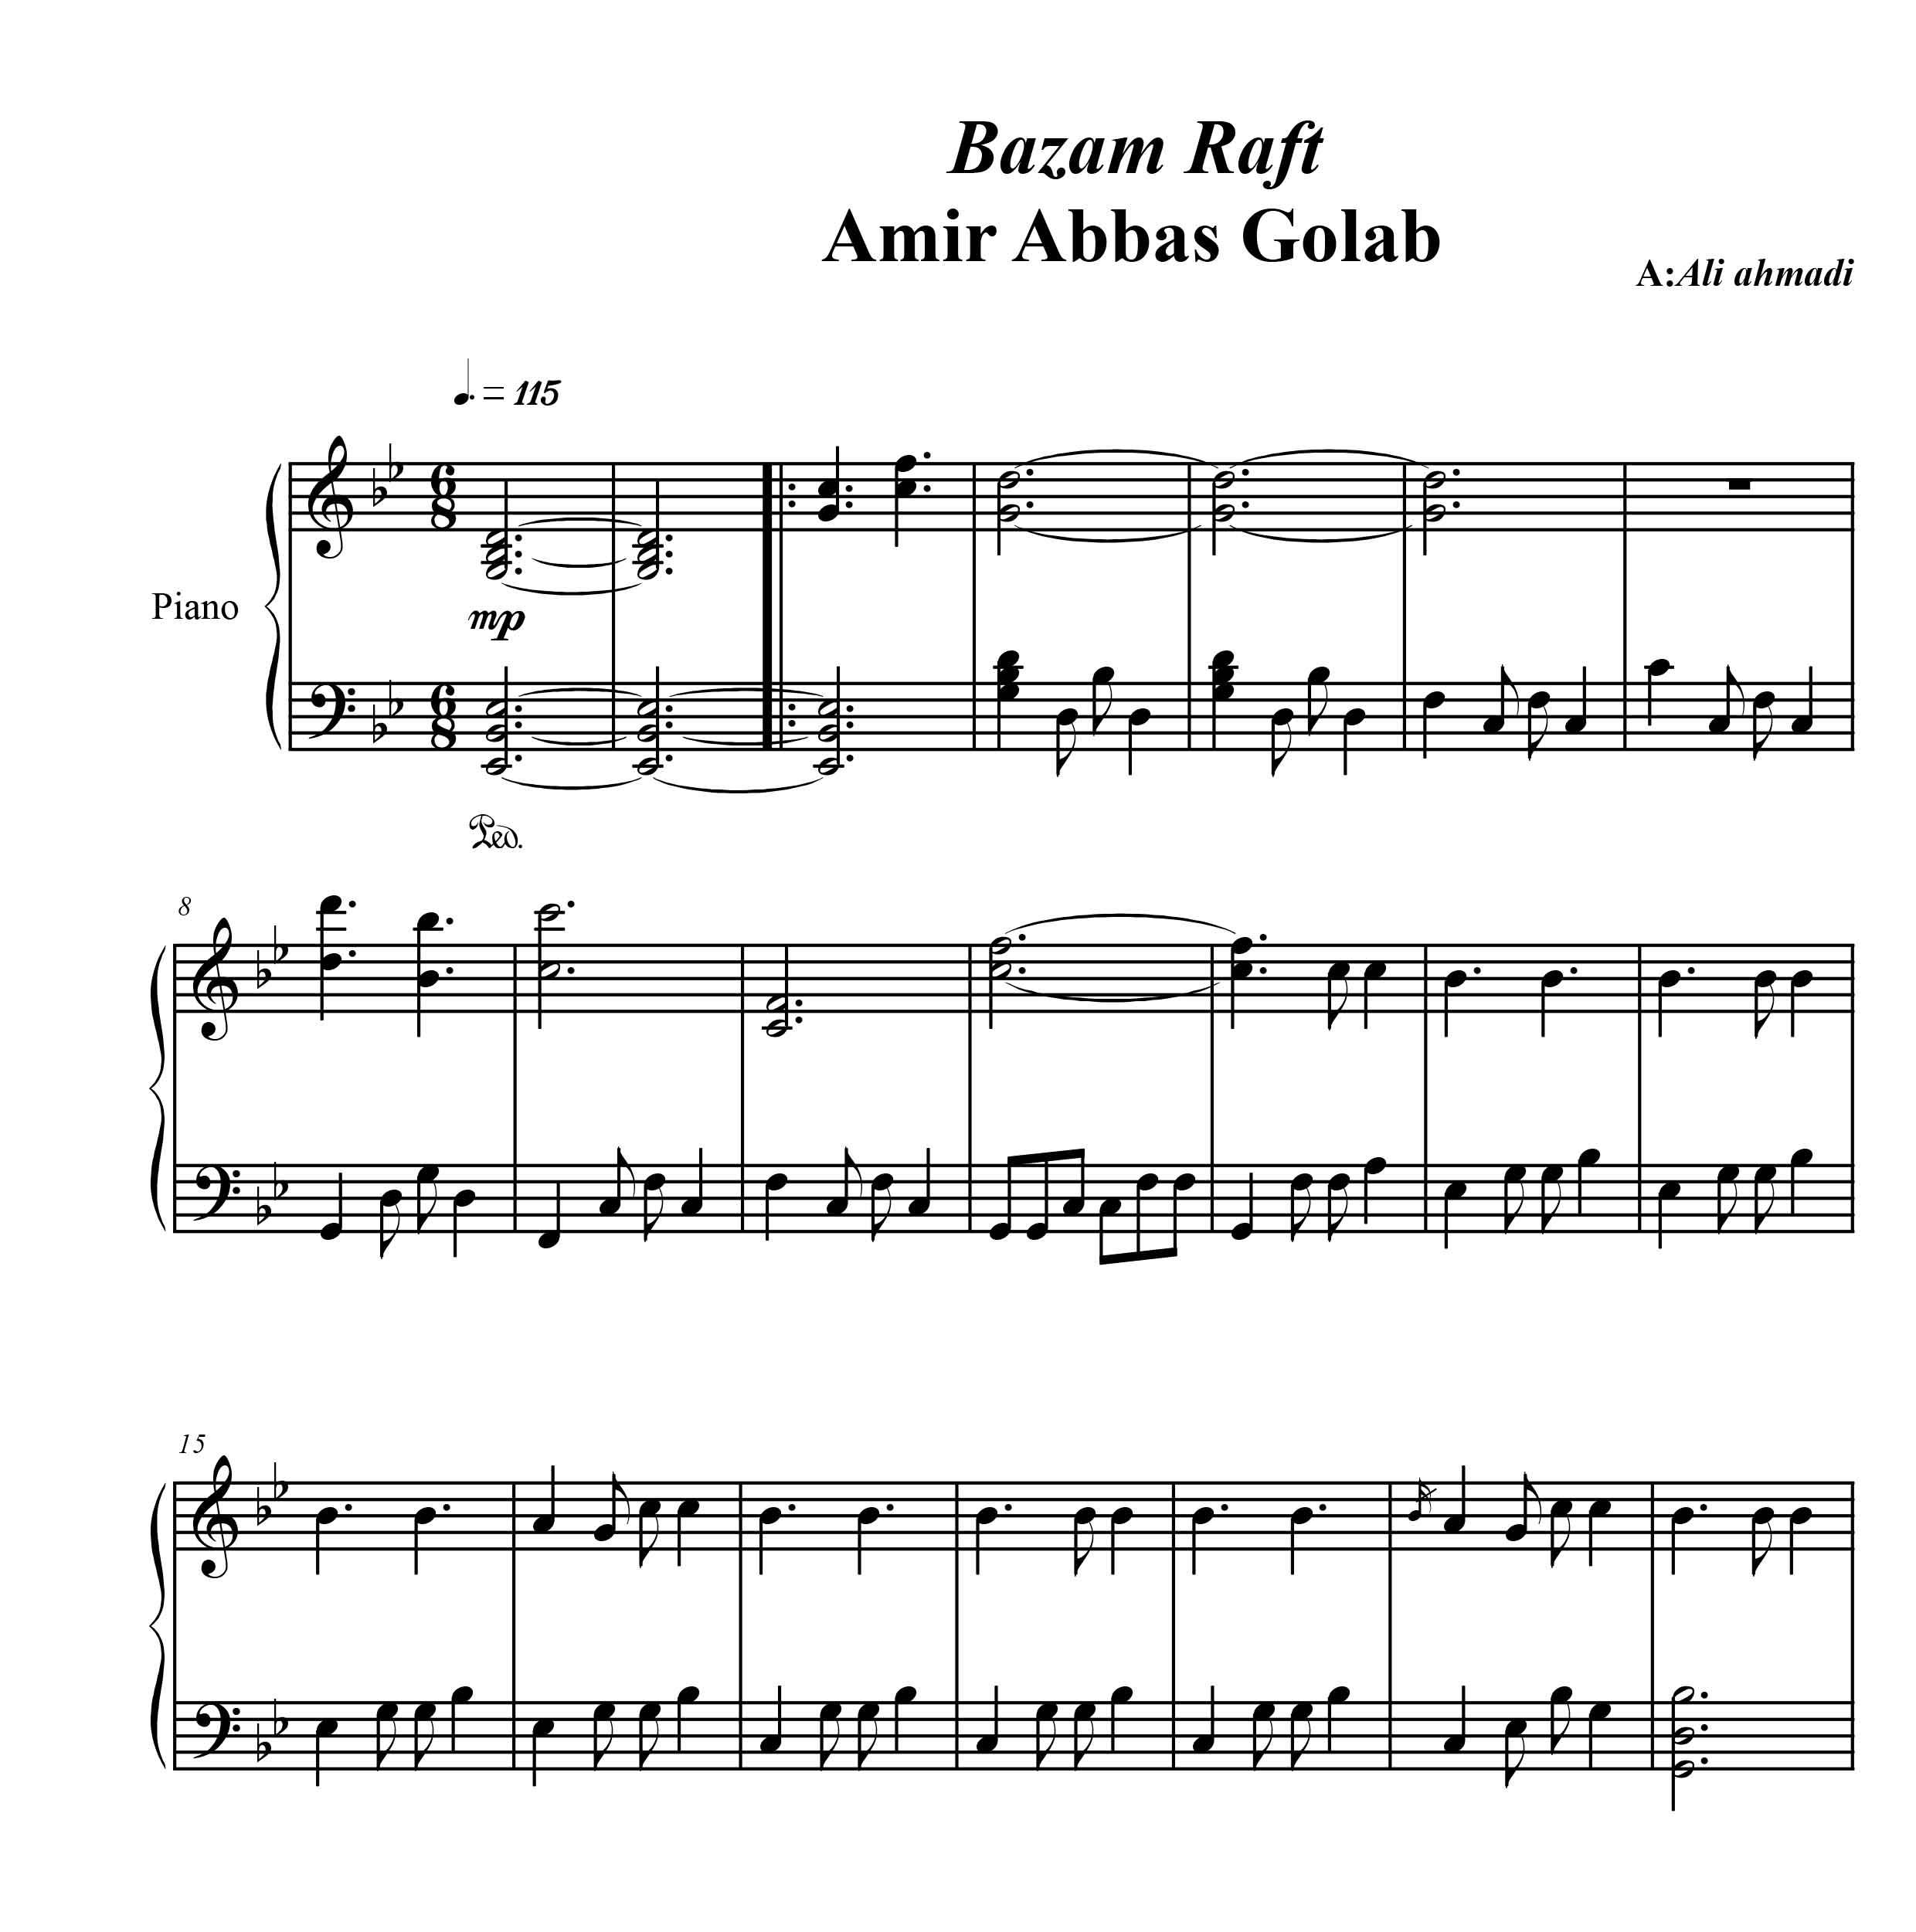 نت پیانو آهنگ بازم رفت از امیر عباس گلاب